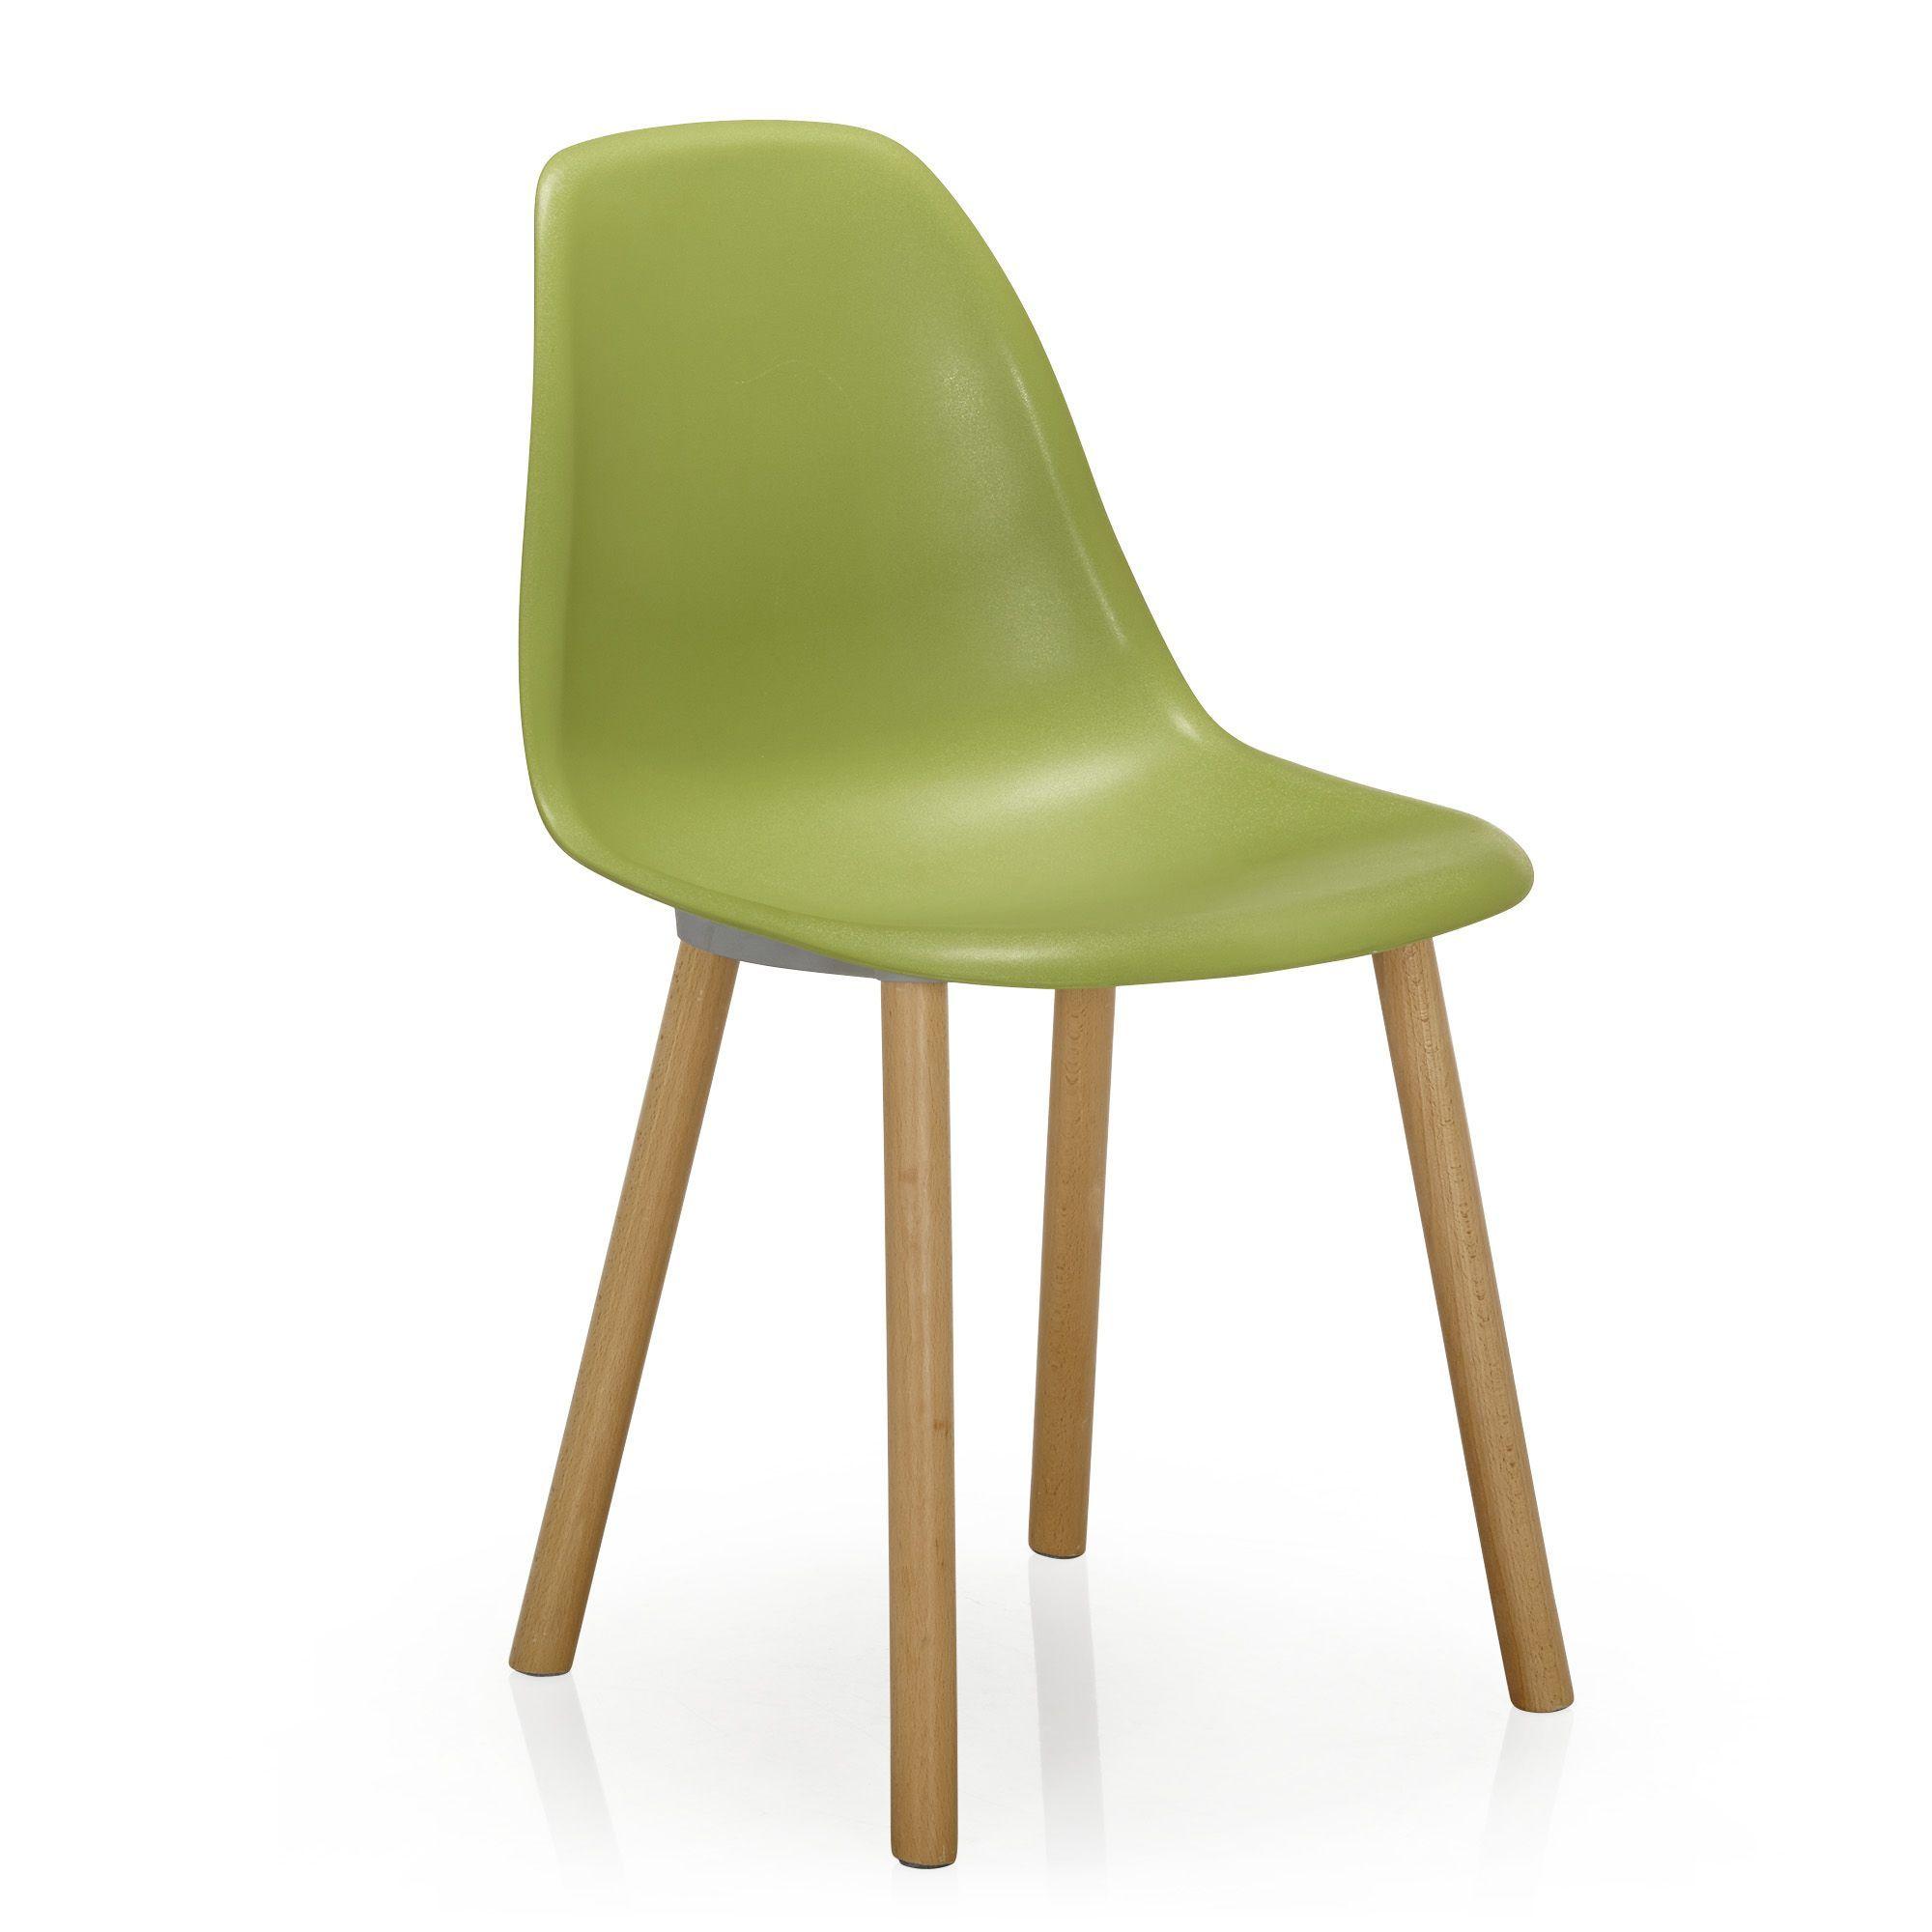 chaise verte avec pitement en bois design scandinave vert hop chaises tables et - Chaise Verte